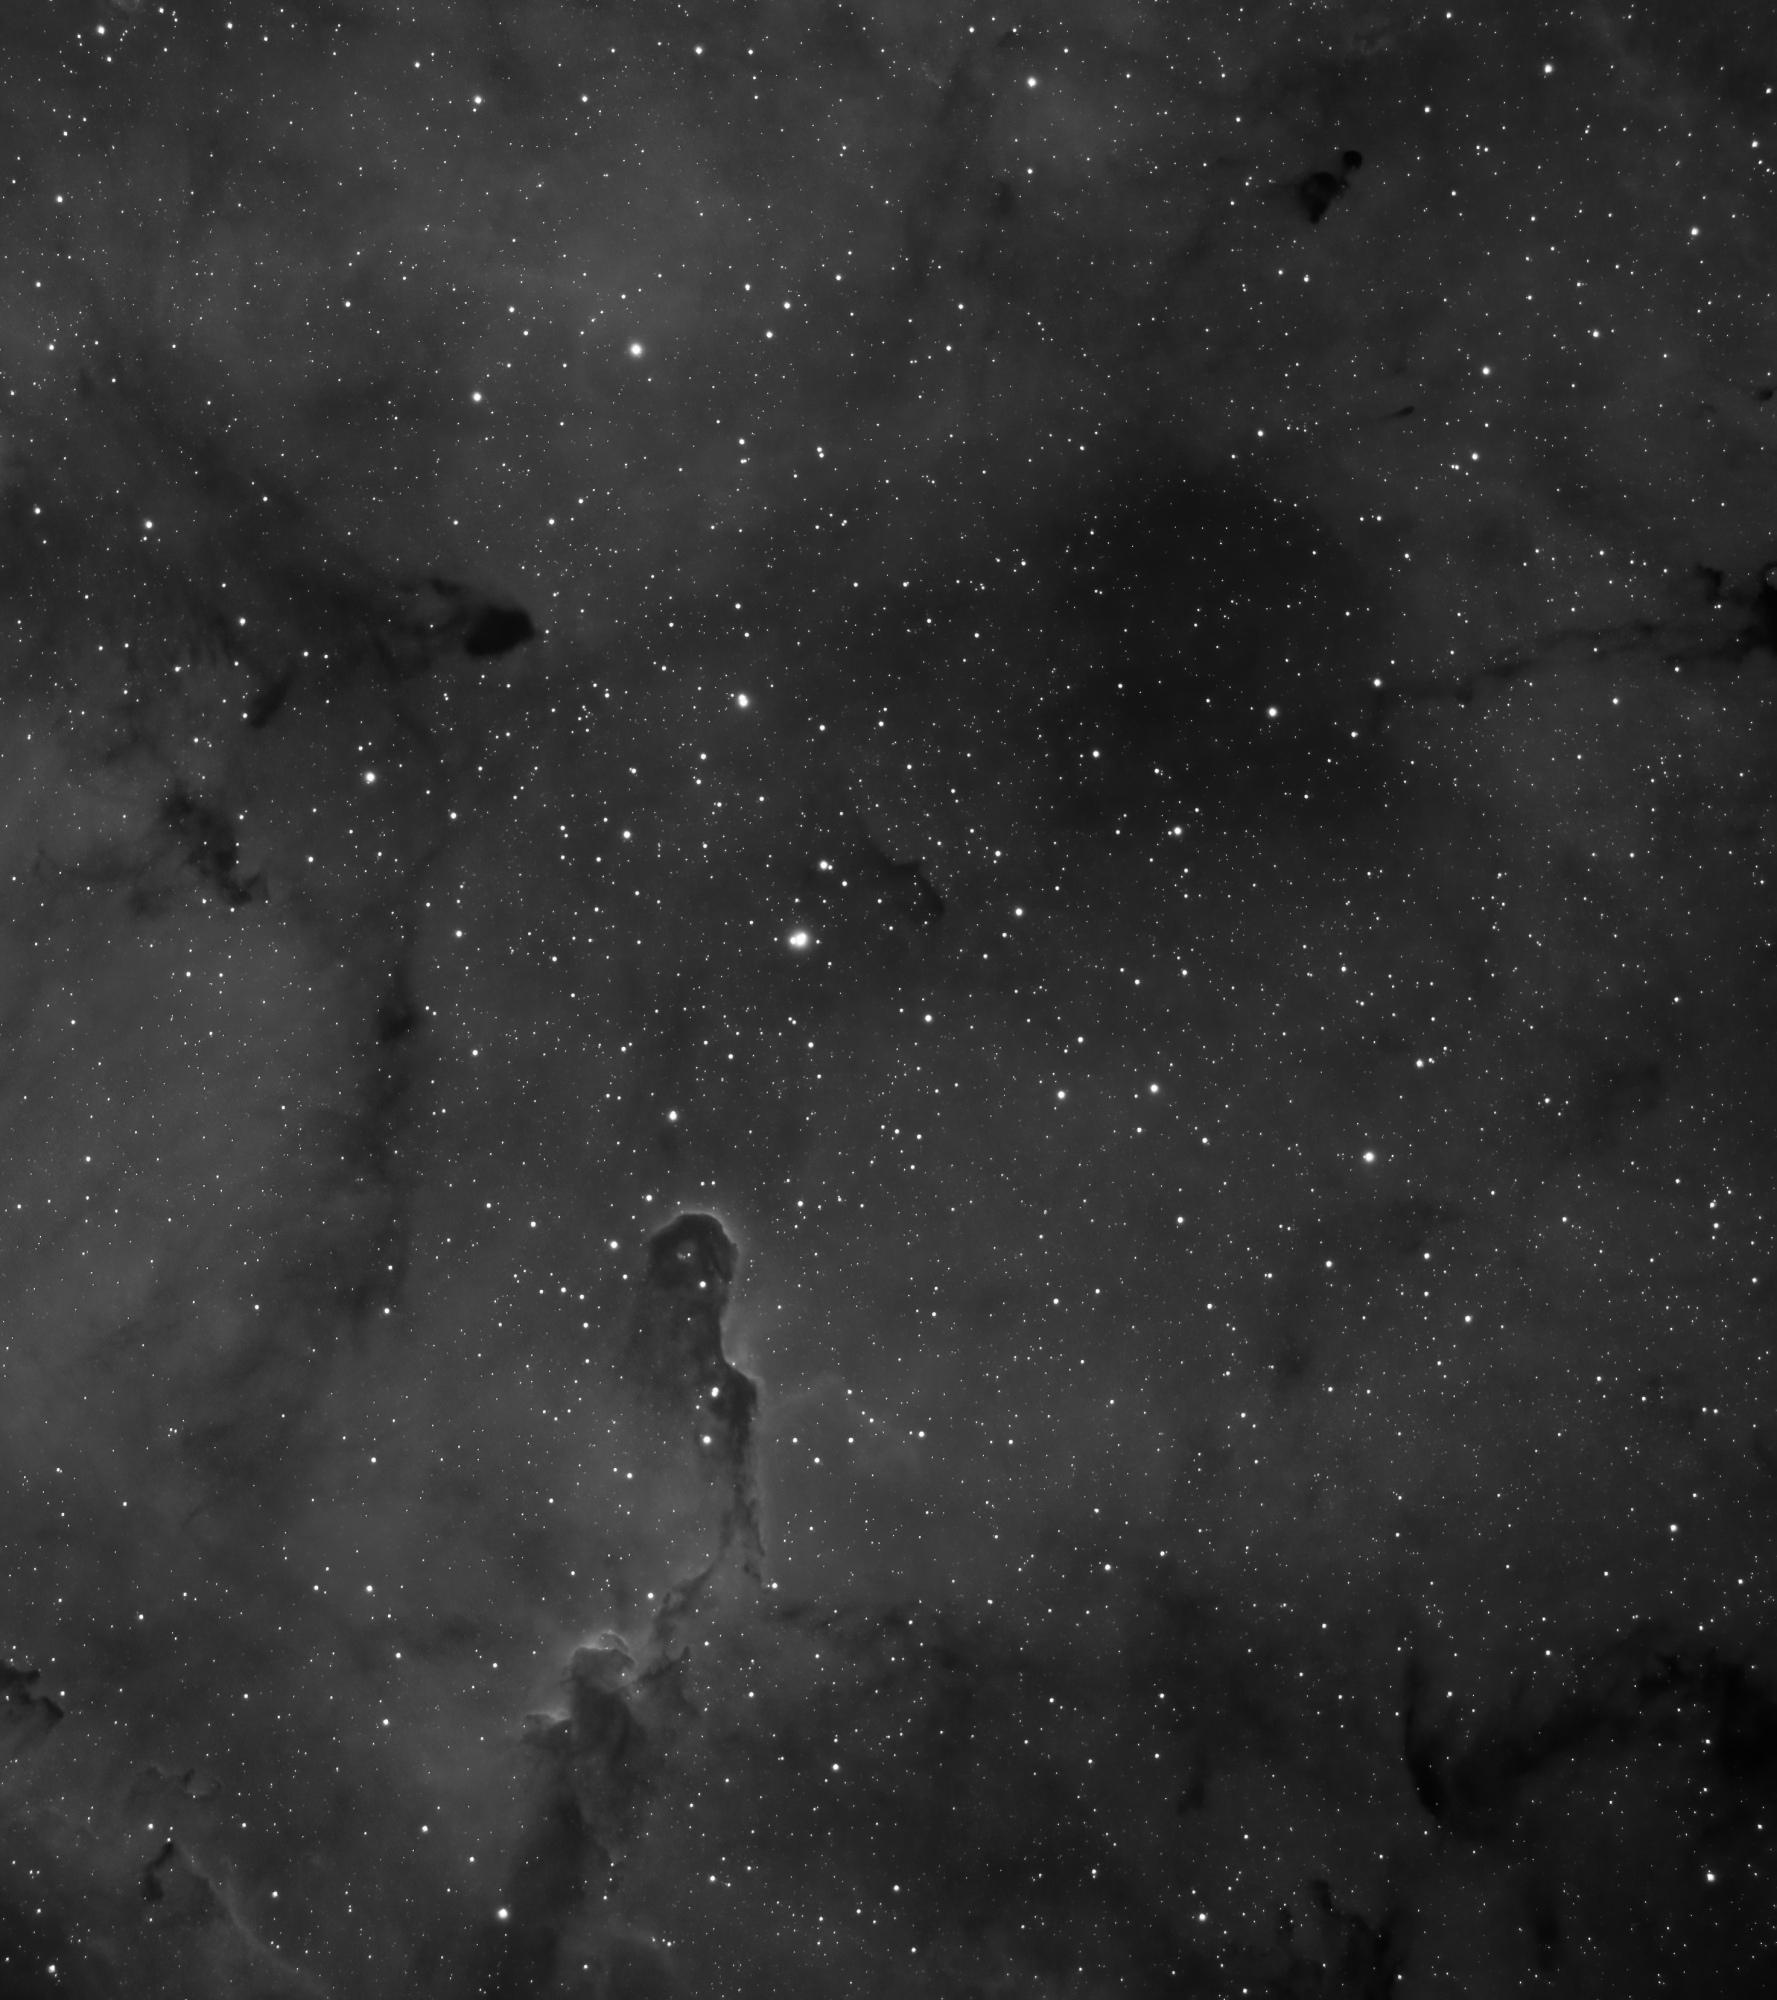 IC1396_crop_final-DeNoiseAI-denoise.thumb.jpg.cffc550e6b8621deec88ae9ed5fa7915.jpg